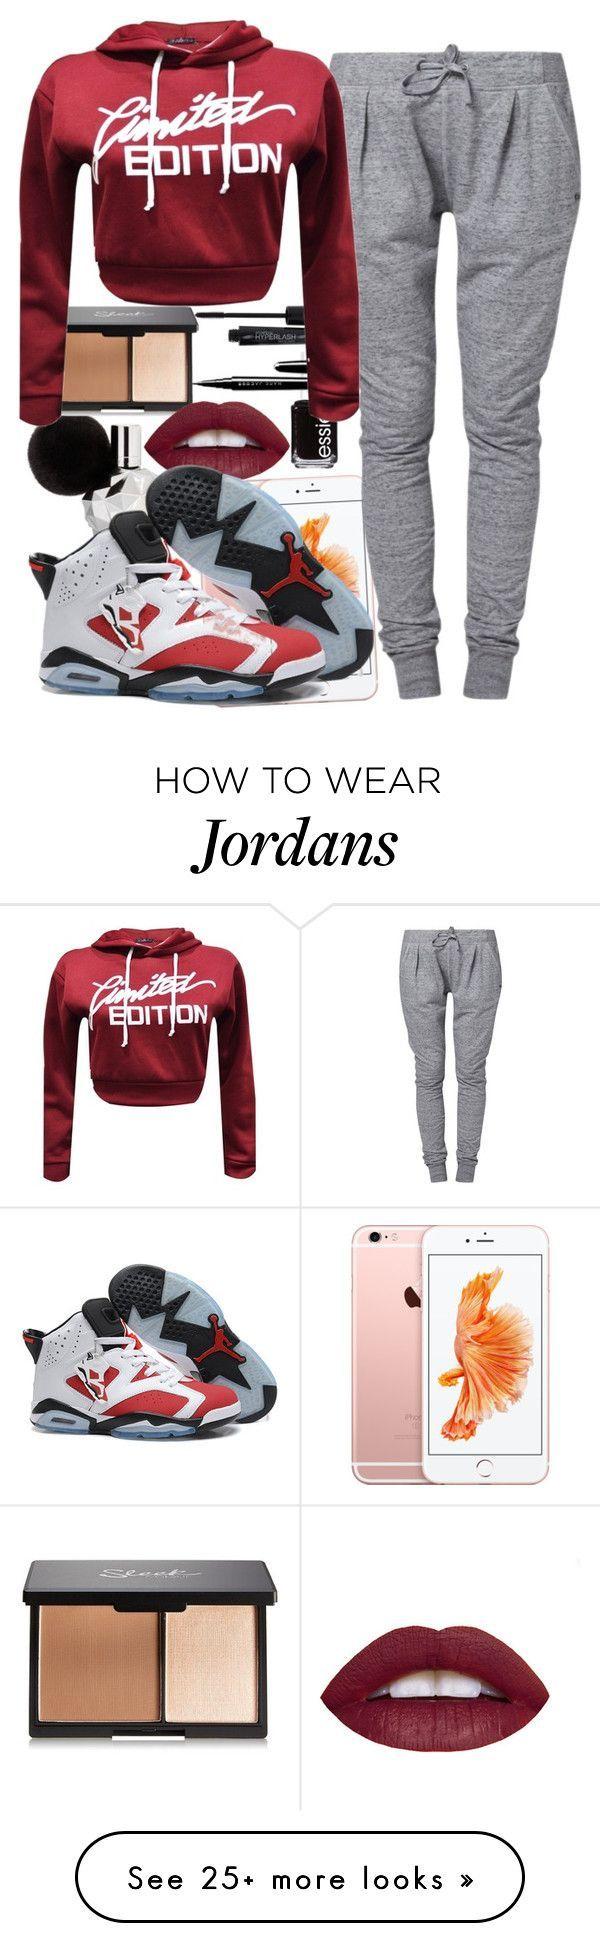 Air Jordan Seul Smashbox